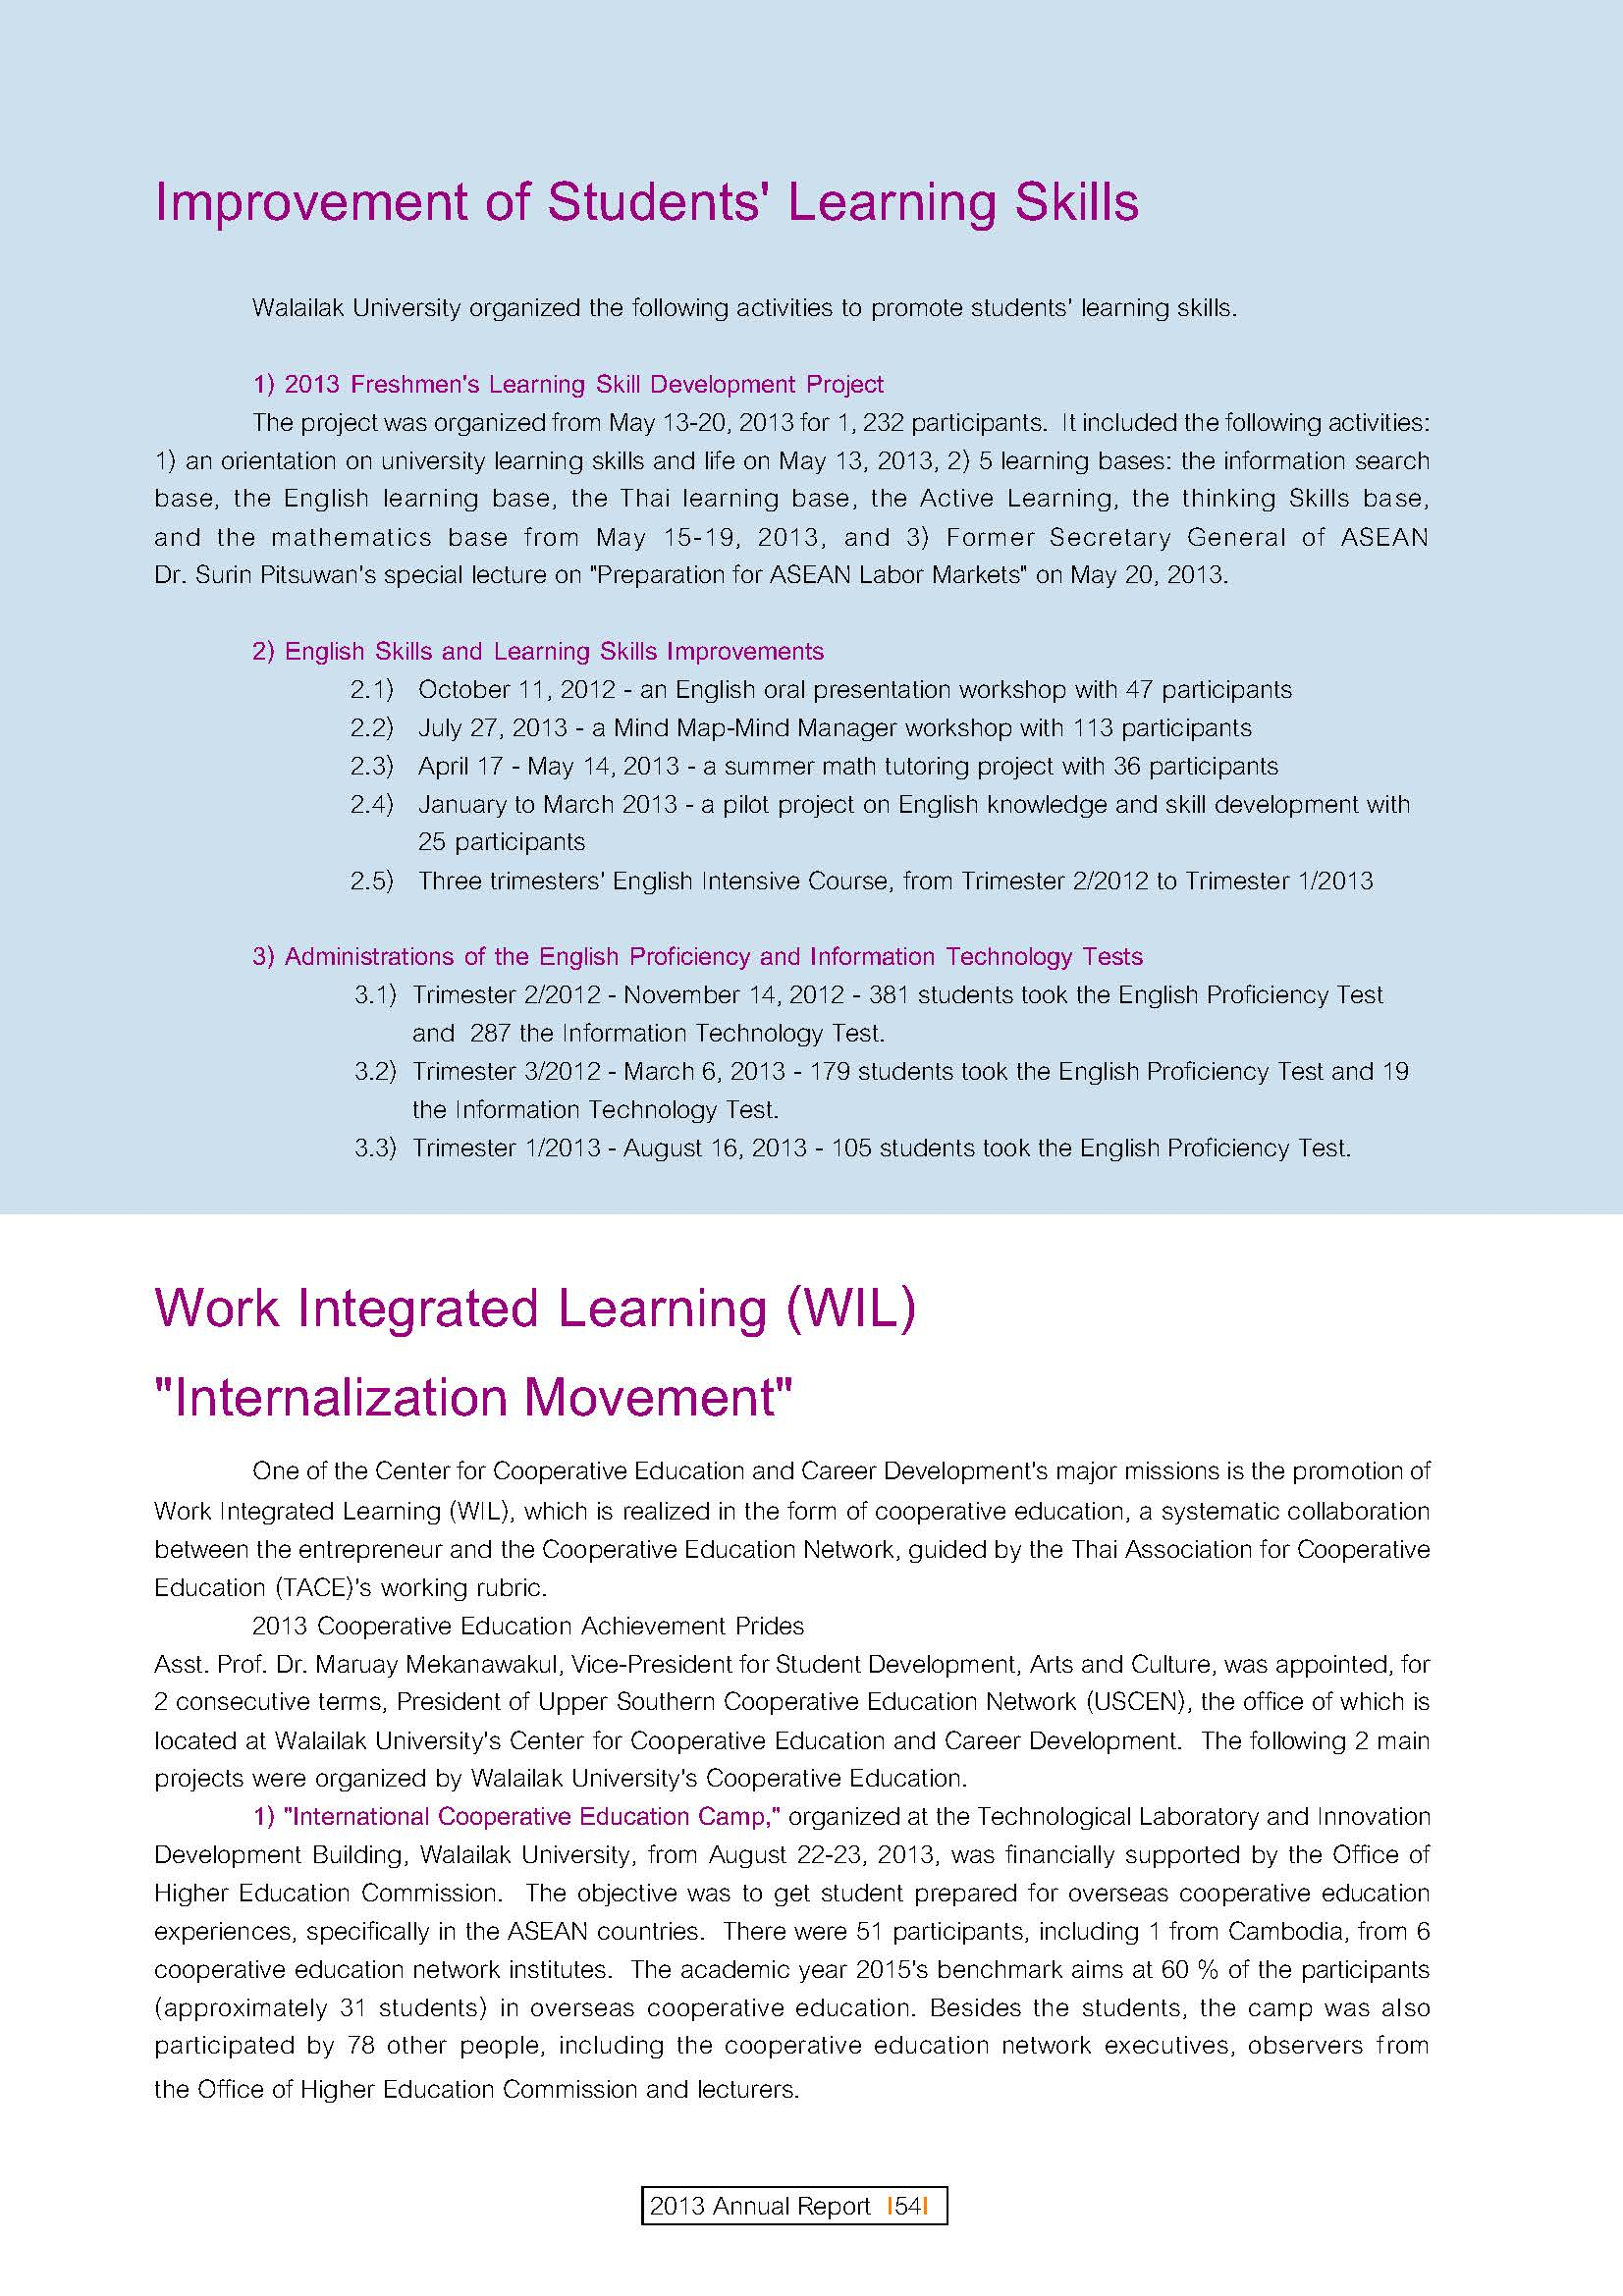 รายงานประจำปี2013ภาษาอังกฤษ_Page_54